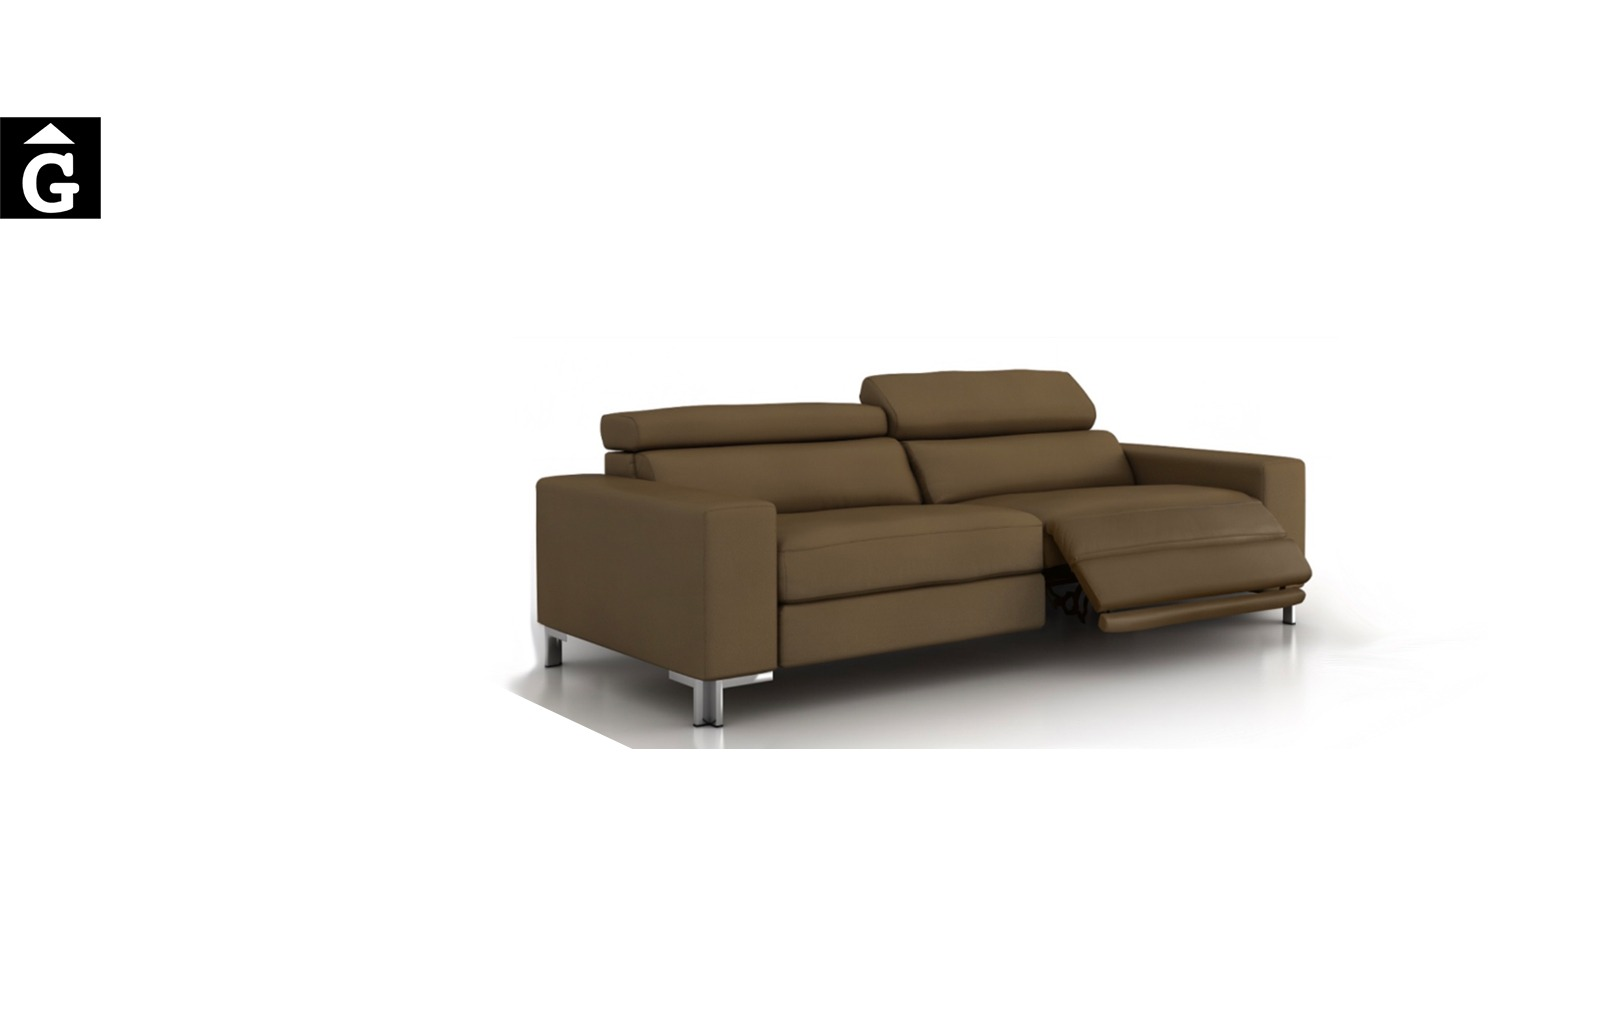 Suma sofà relax pota alta Tapiza Moradillo per mobles Gifreu tapisseria de qualitat sofas relax llits puff pouf chaixelongues butaques sillons